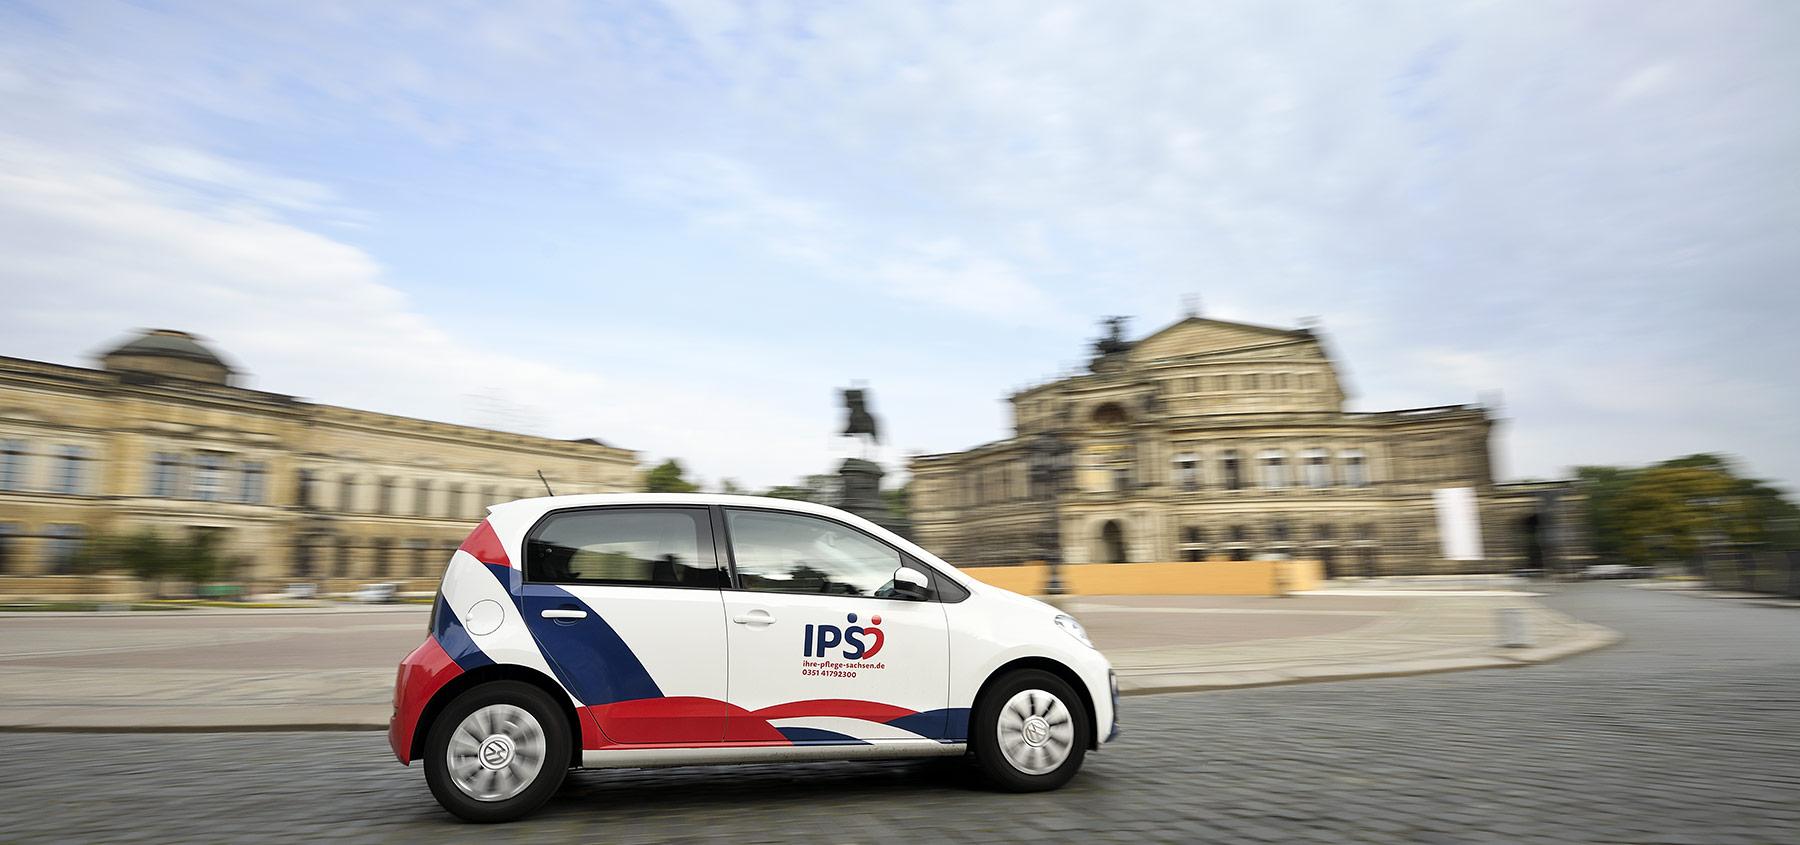 Imageaufnahmen IPS Ihre Pflege Sachsen GmbH Dresden von Fotograf Daniel Möller aus Hannover